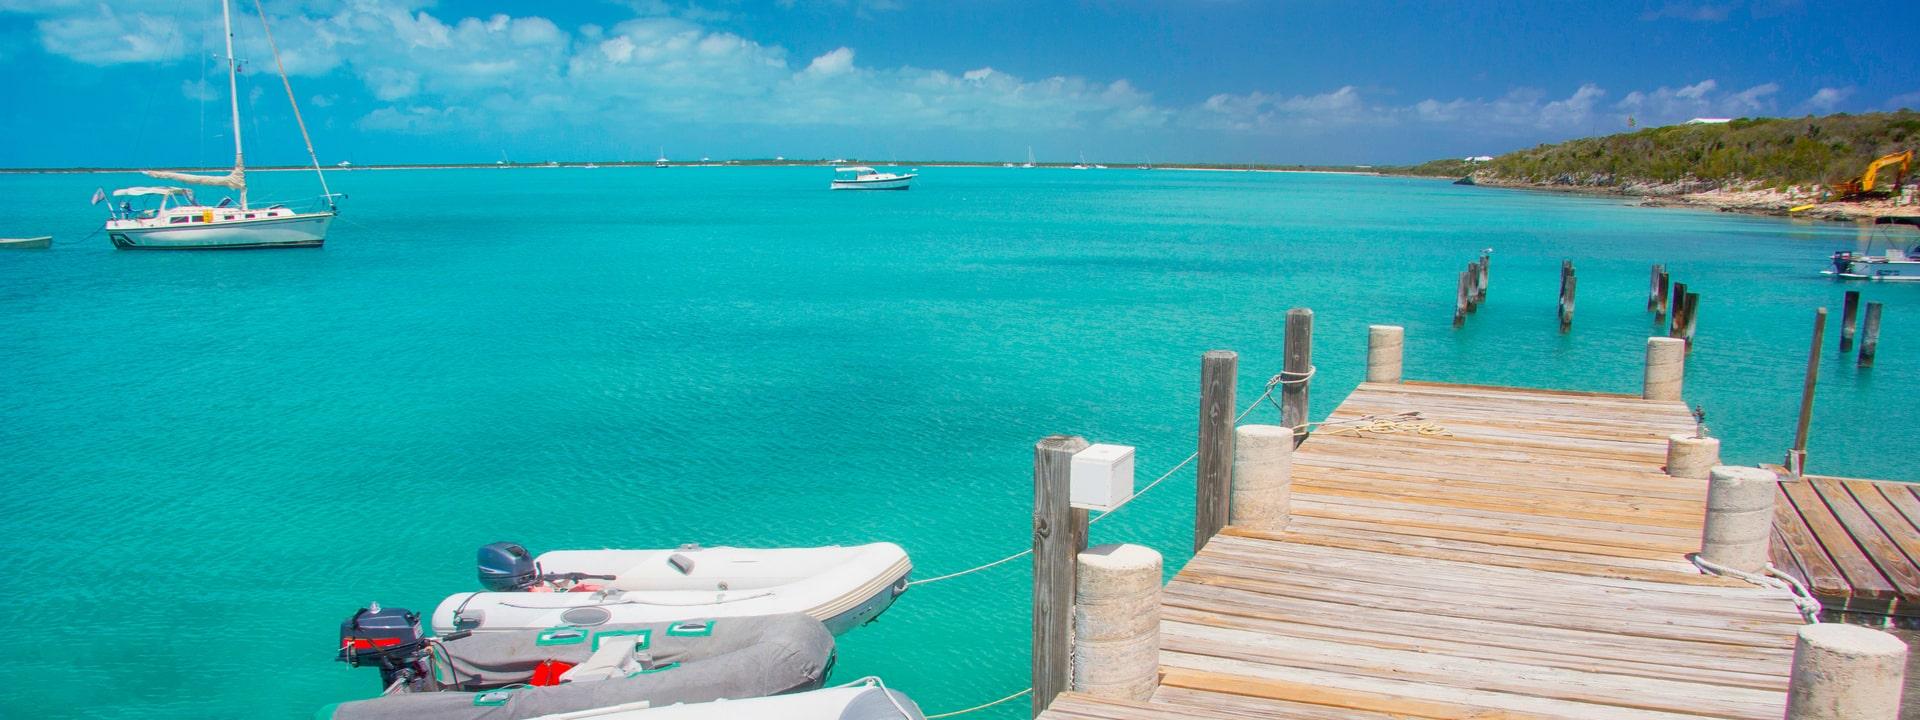 Holidays to the Bahamas